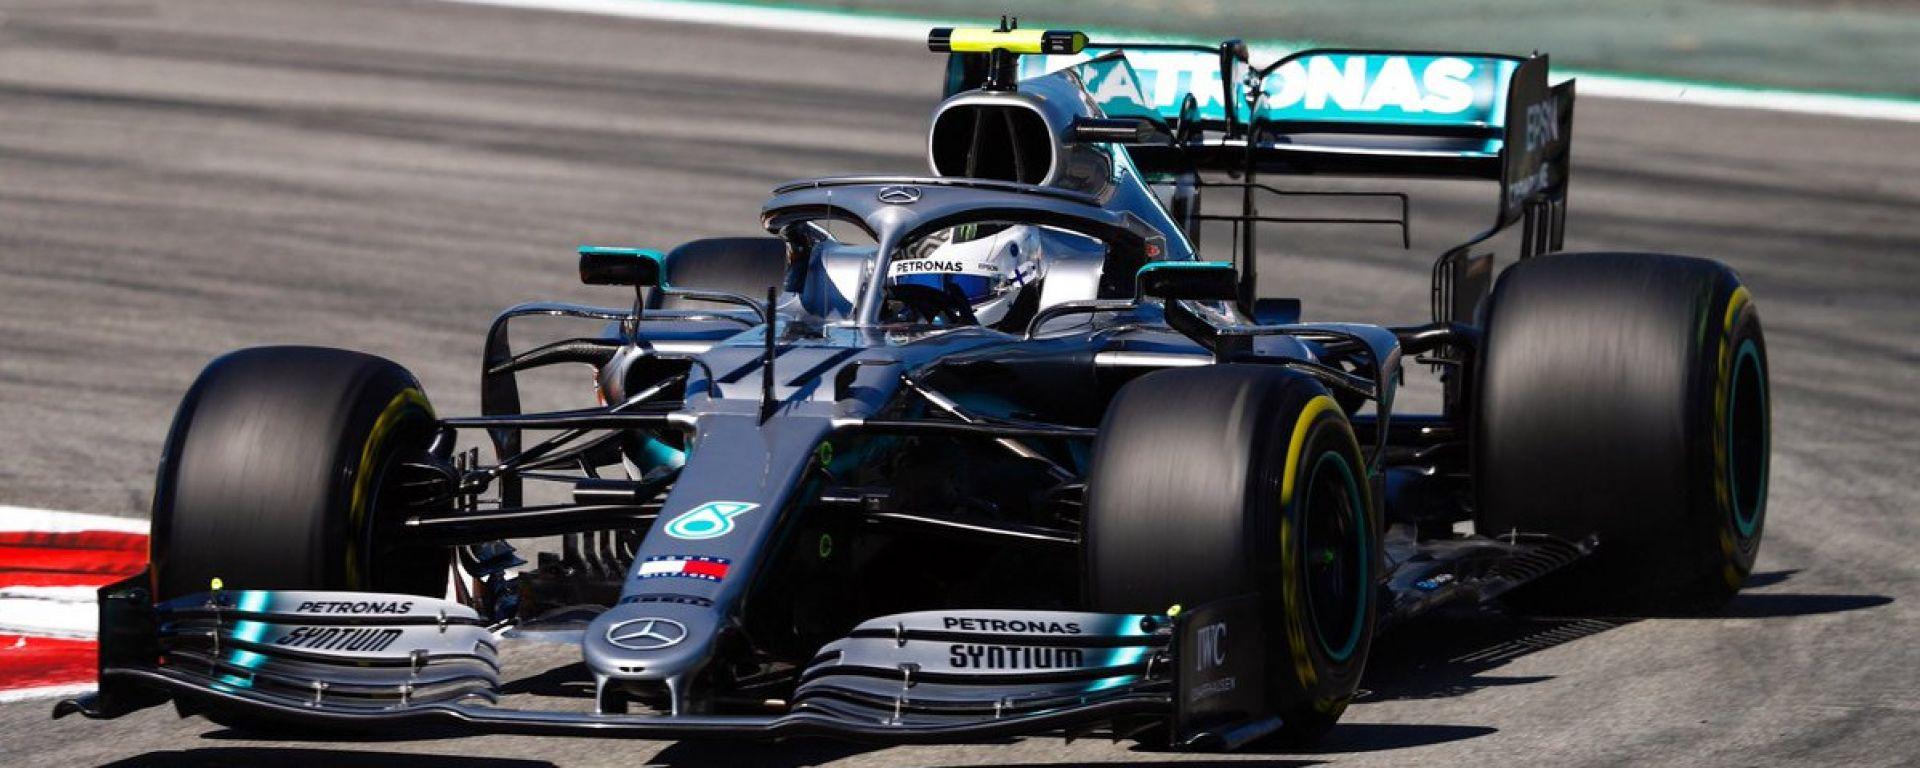 F1 Gp Spagna 2019 – PL1: Bottas chiude primo, Vettel e Leclerc sono lì